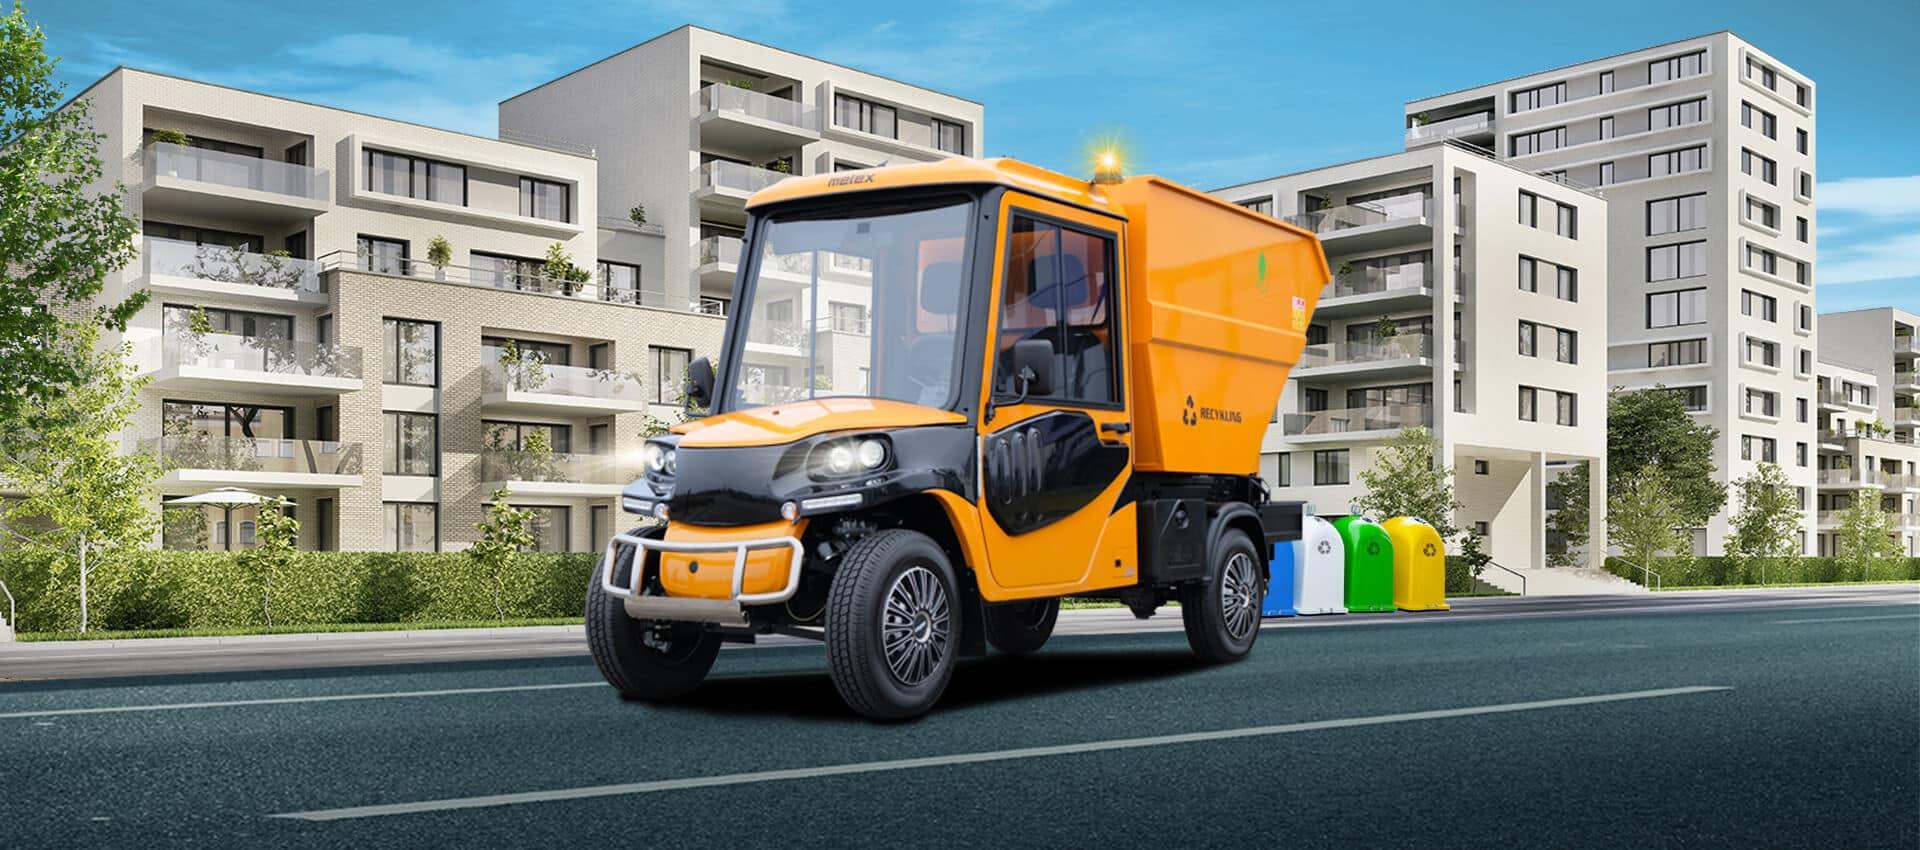 Landschaftspflege mit dem neuen 100% elektrischen Melex Cargo 391.1